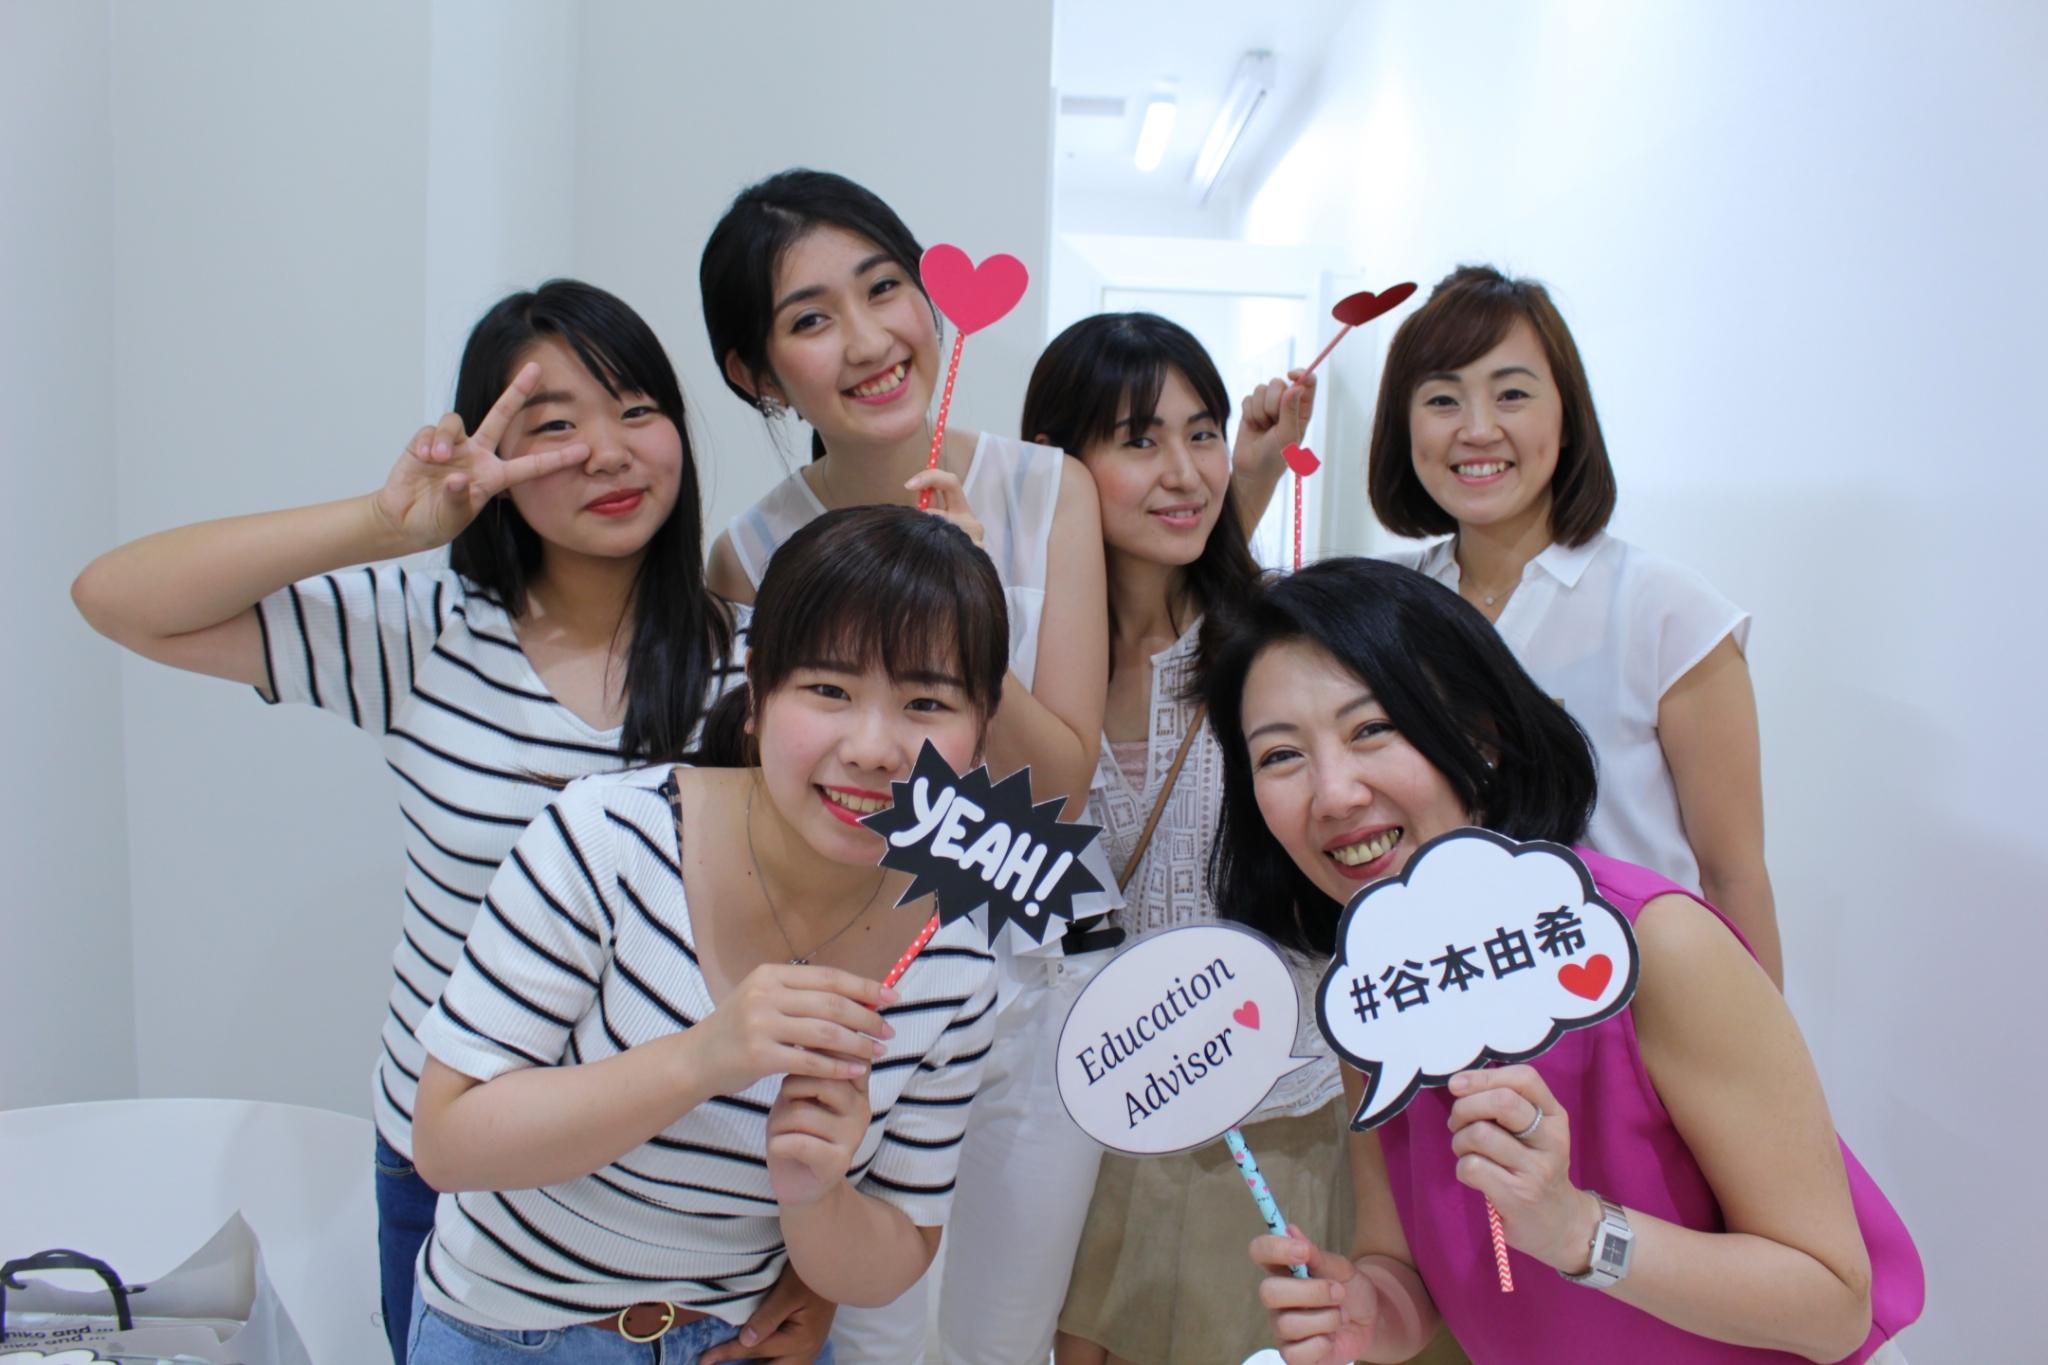 10月28日(日)ココキレ♡フェスタ in奈良 ハロウィンver.開催!!のアイキャッチ画像